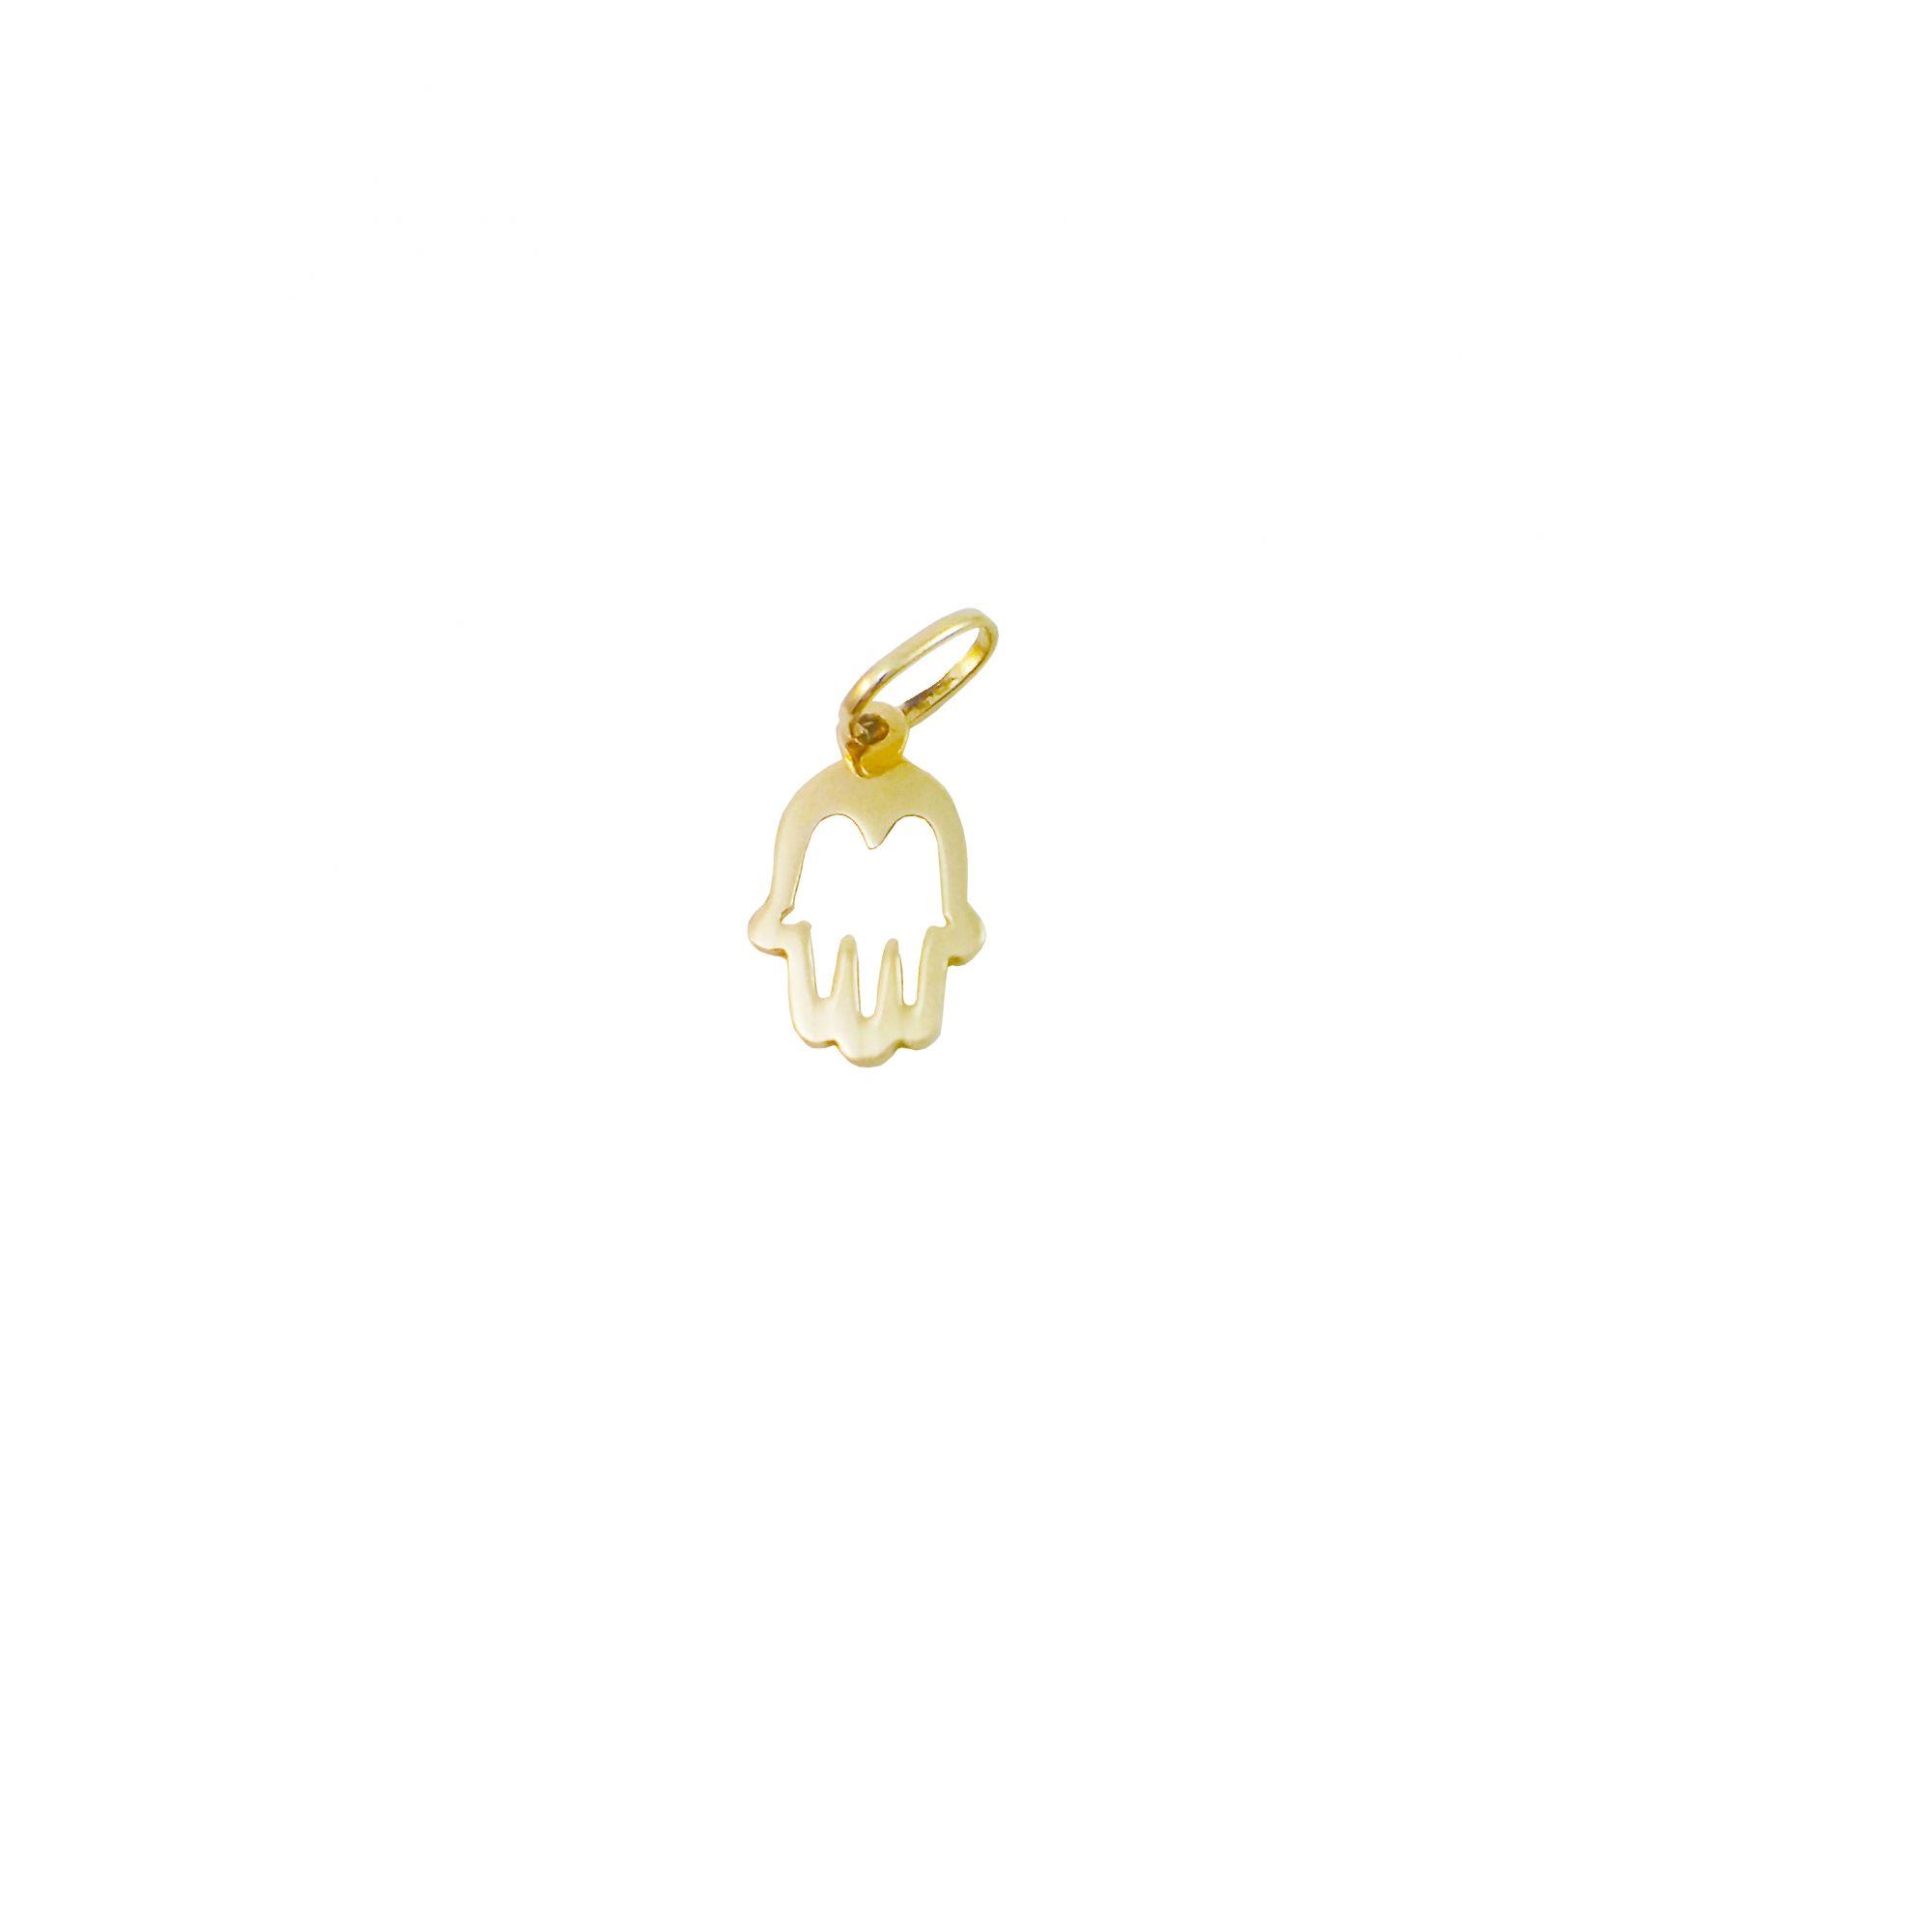 Pingente Ouro 18k Mão Mística Vazada L 3.8